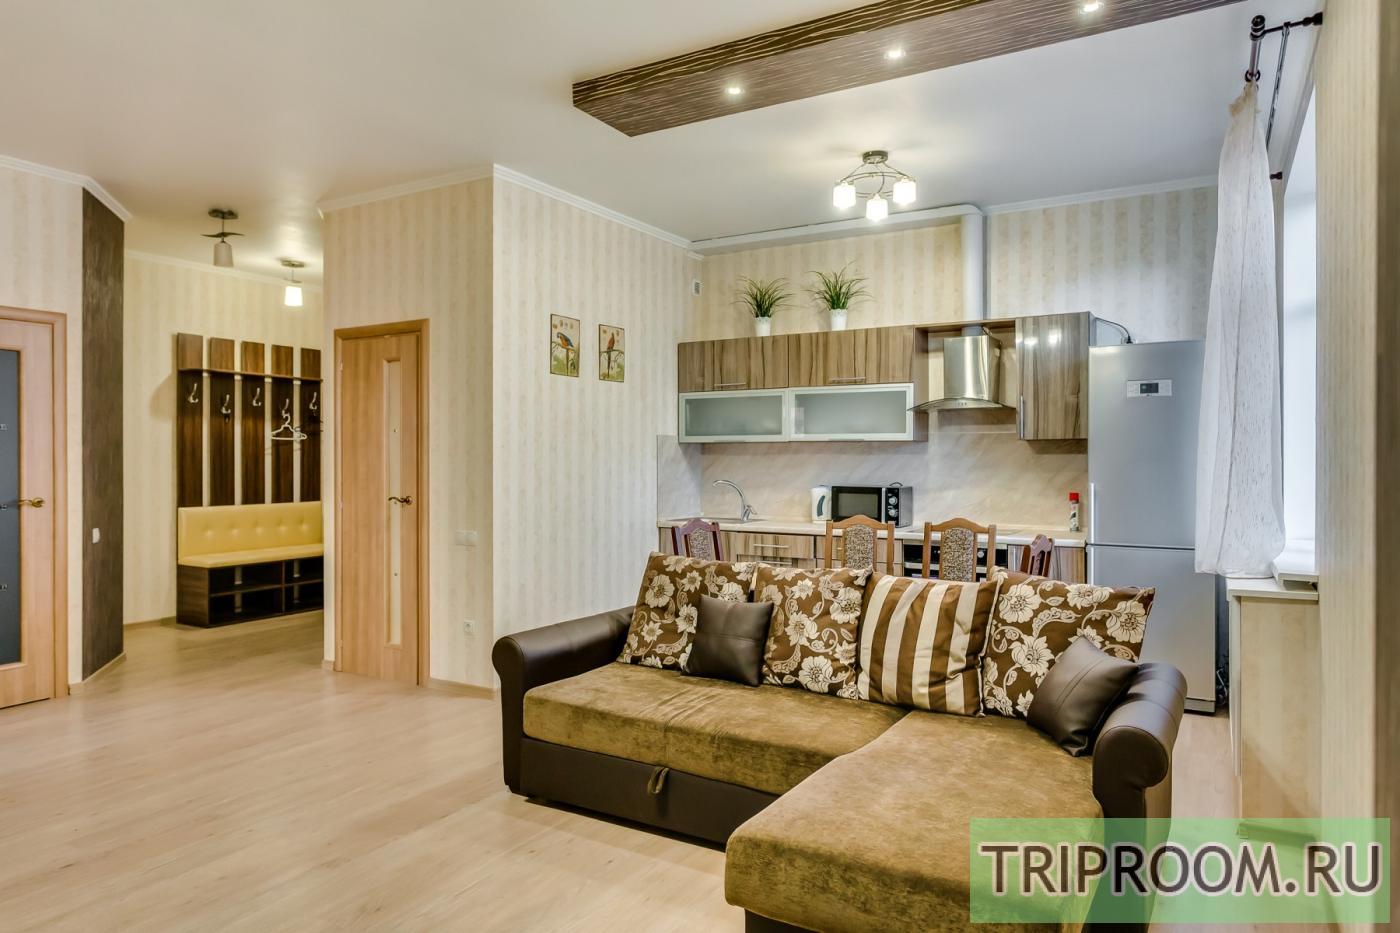 3-комнатная квартира посуточно (вариант № 23511), ул. Красноармейская улица, фото № 25